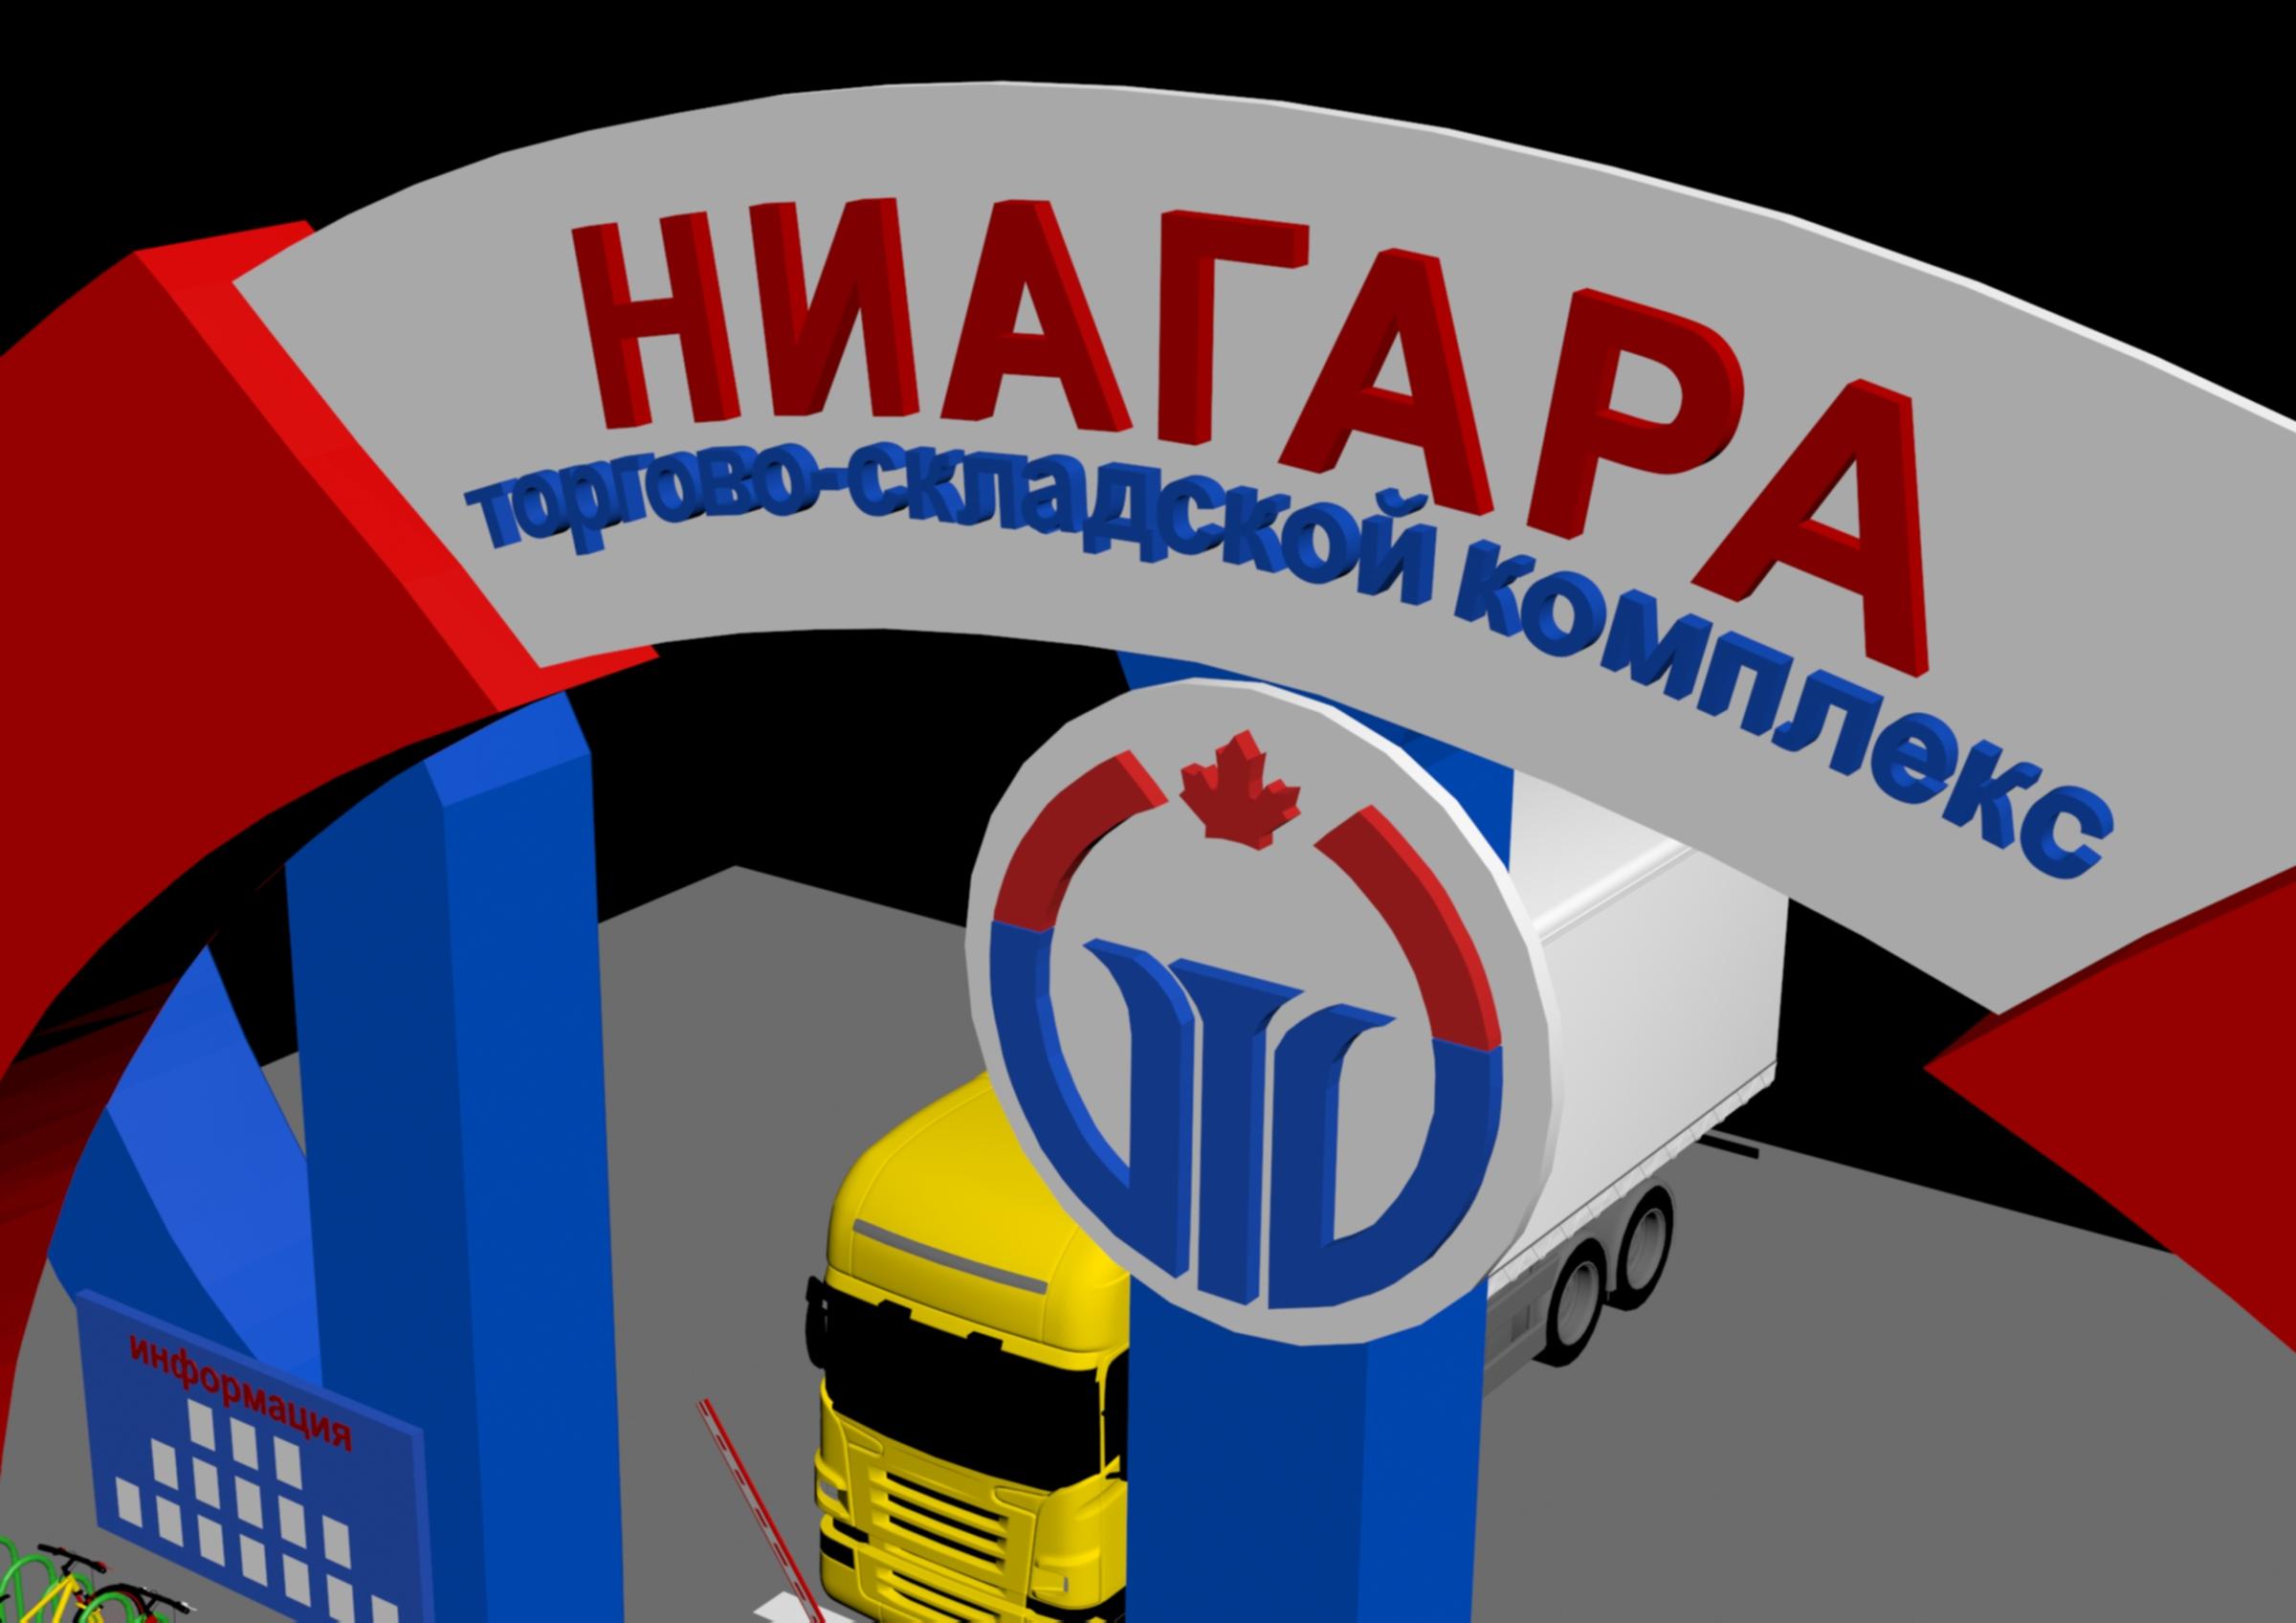 Дизайн Входной группы Торгово Складского Комлекса фото f_62452e9de9ea4061.jpg